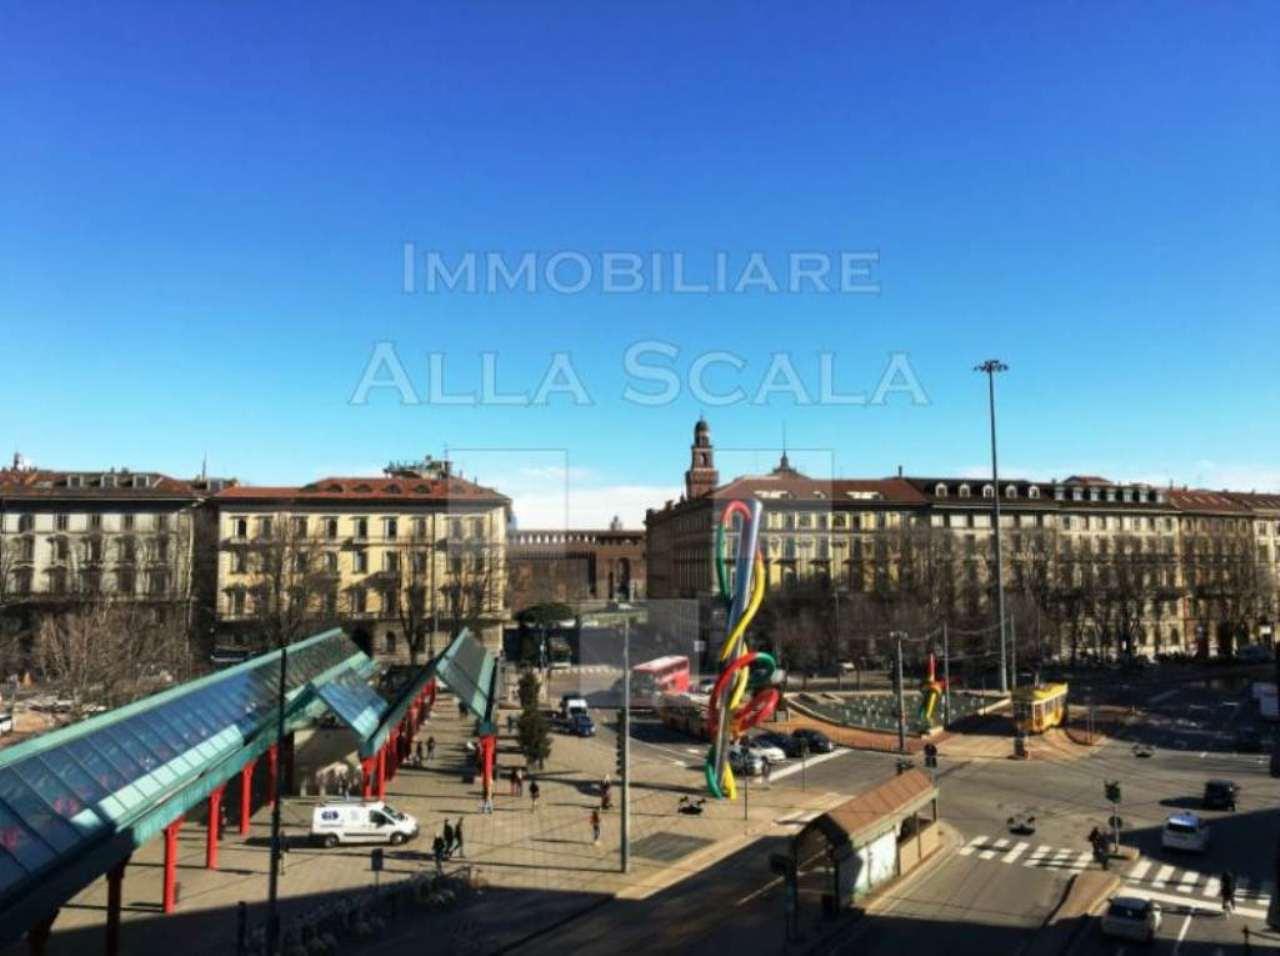 Appartamento in vendita a Milano, 3 locali, zona Zona: 1 . Centro Storico, Duomo, Brera, Cadorna, Cattolica, prezzo € 600.000 | CambioCasa.it